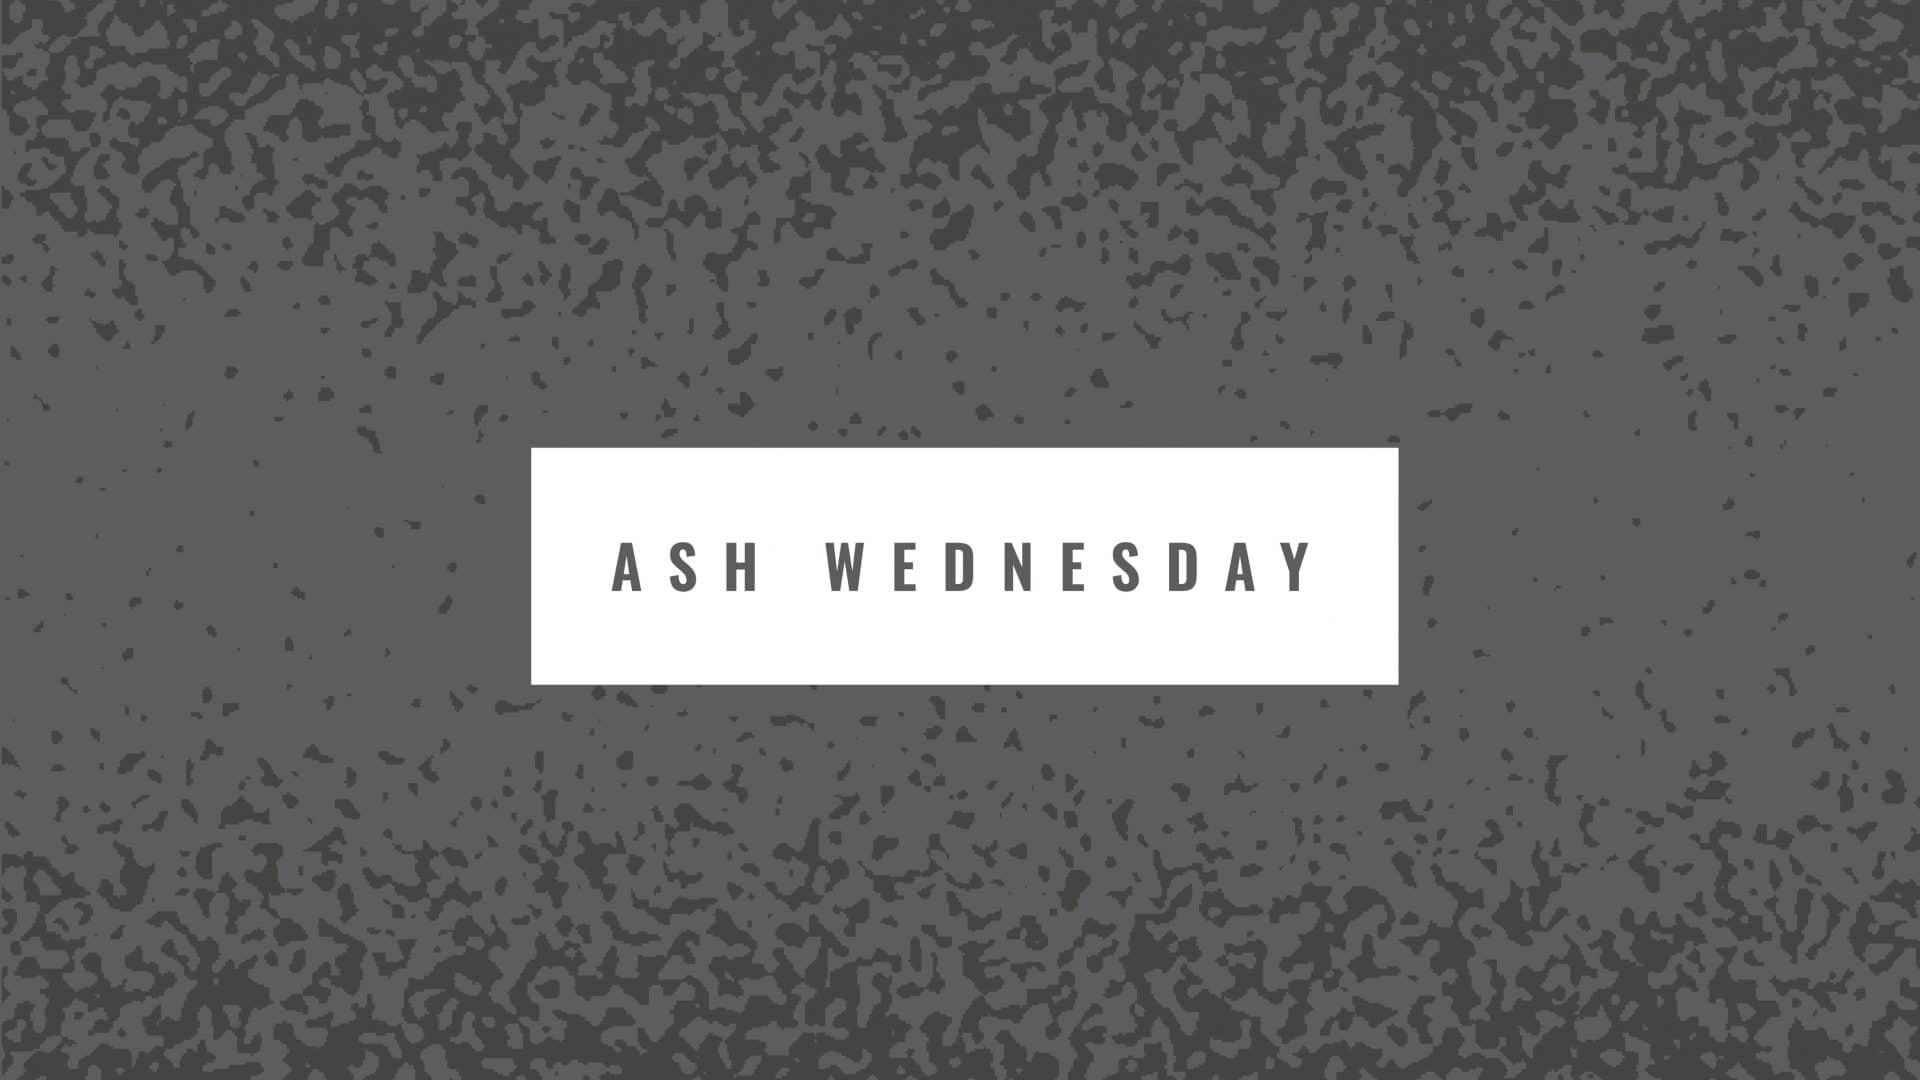 http://creeksidebiblechurch.org/ashwednesday